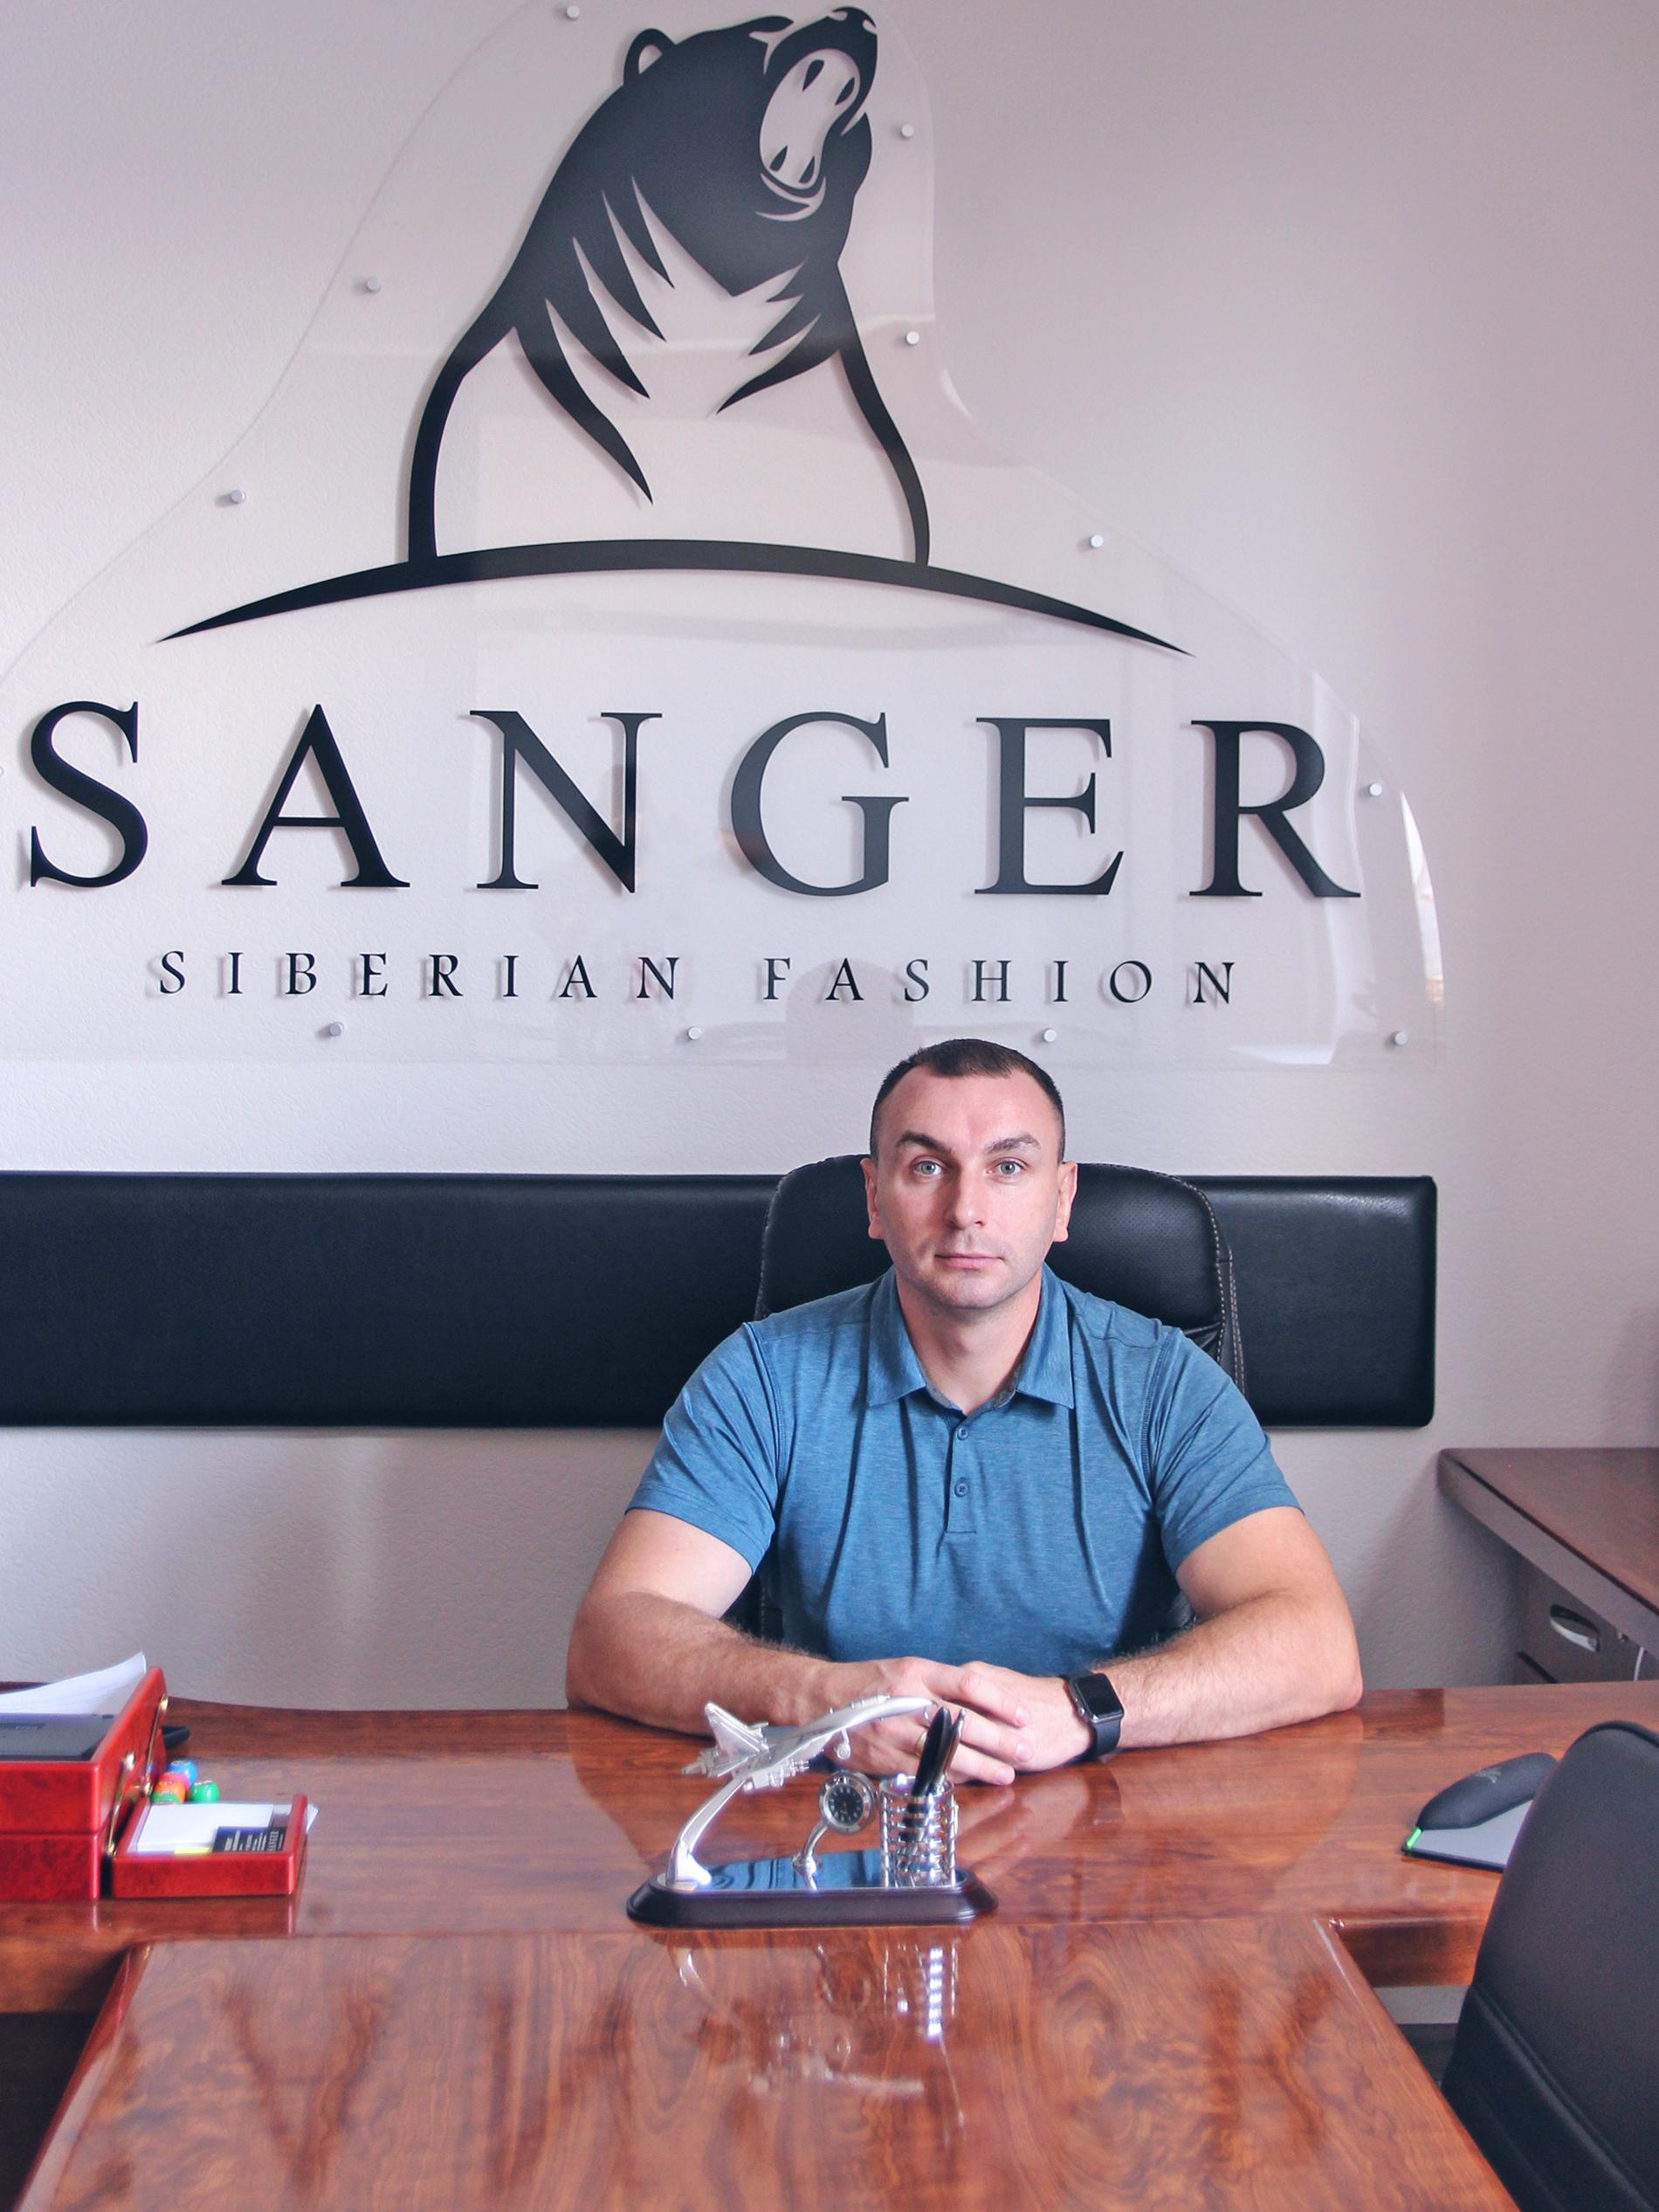 Энергично развивающейся швейной фабрике по пошиву современной трикотажной и джинсовой одежды «Sanger» 15 лет